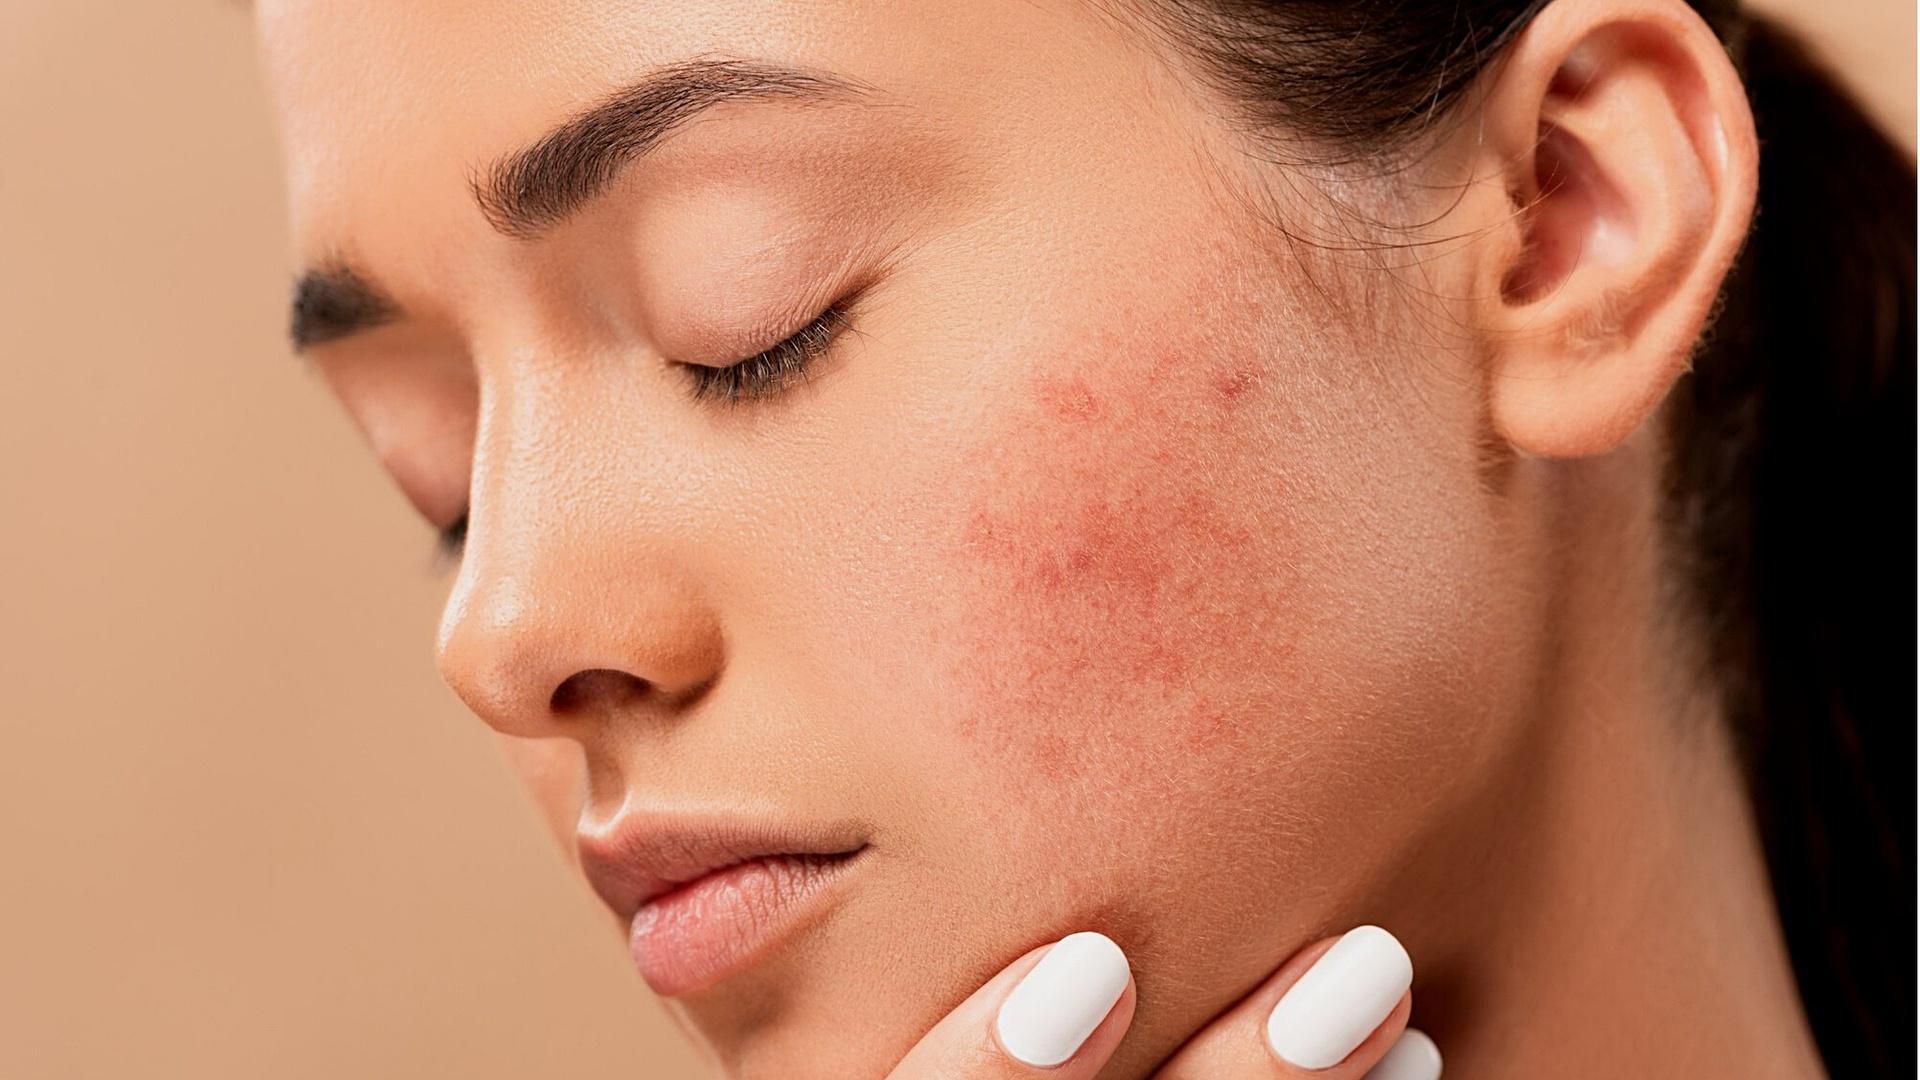 Braune Flecken auf der Haut lassen sich unterschiedlich behandeln.